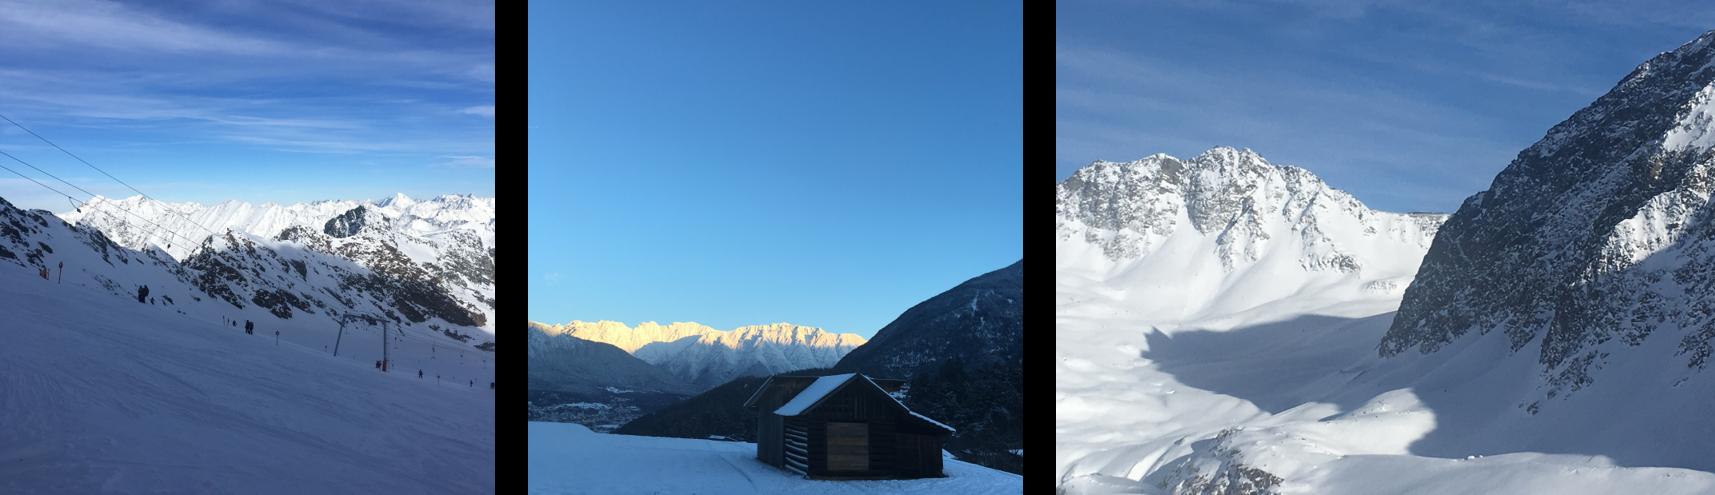 find bilillg skiferie i østrig, flotte alper